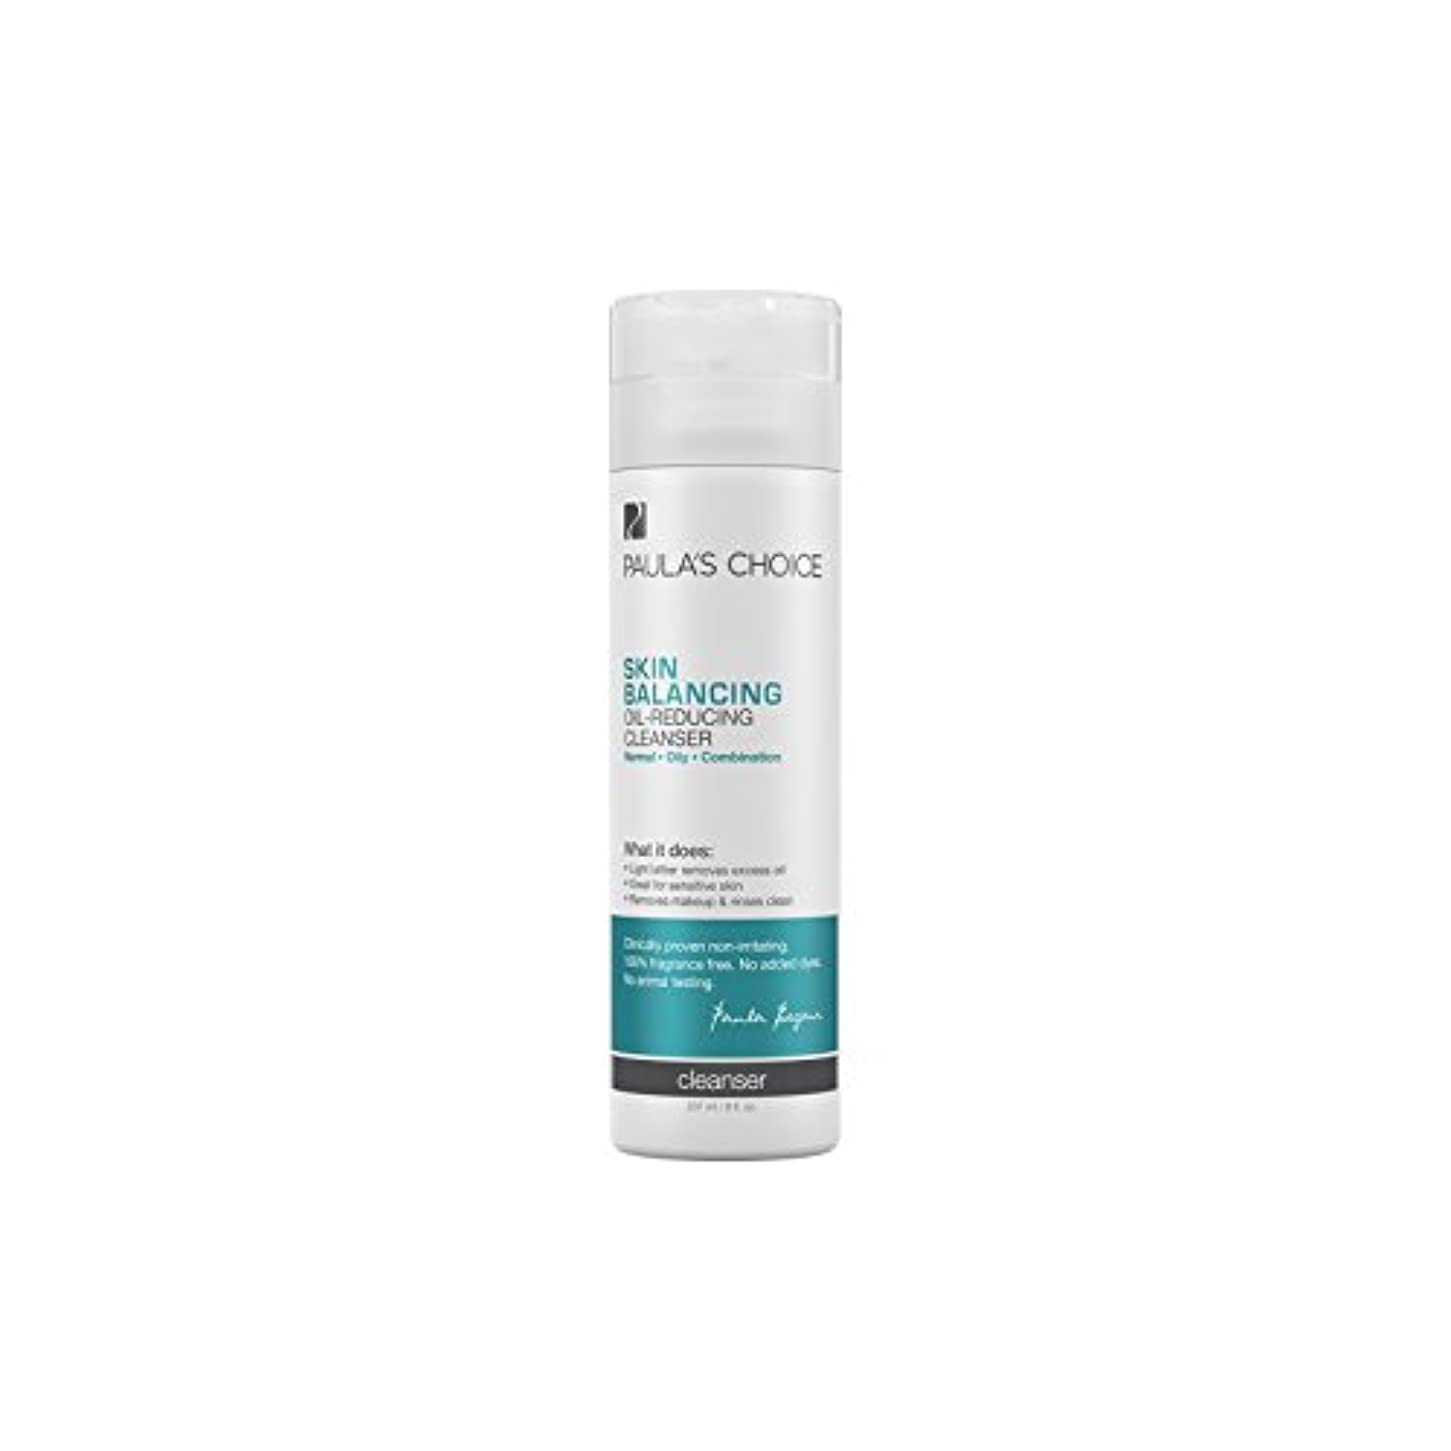 ご注意扇動するスケジュールPaula's Choice Skin Balancing Oil-Reducing Cleanser (237ml) - ポーラチョイスの肌のバランスオイル低減クレンザー(237ミリリットル) [並行輸入品]